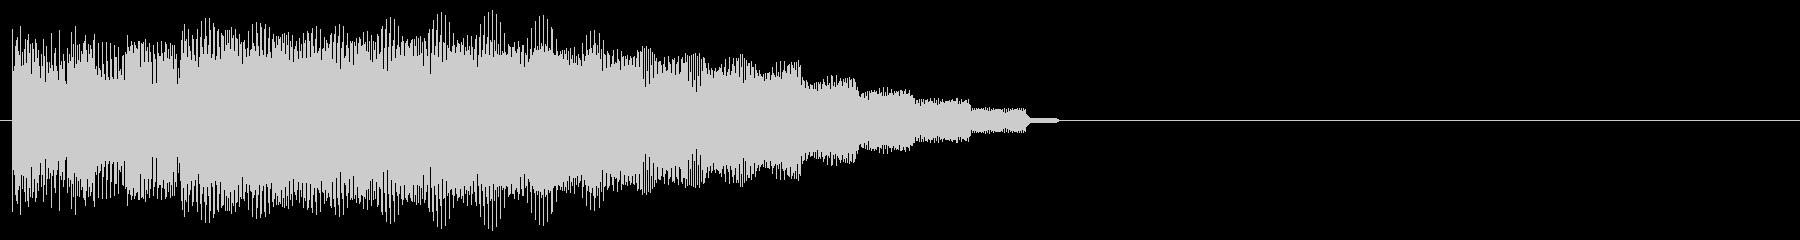 明るいシンプルなアイキャッチの未再生の波形